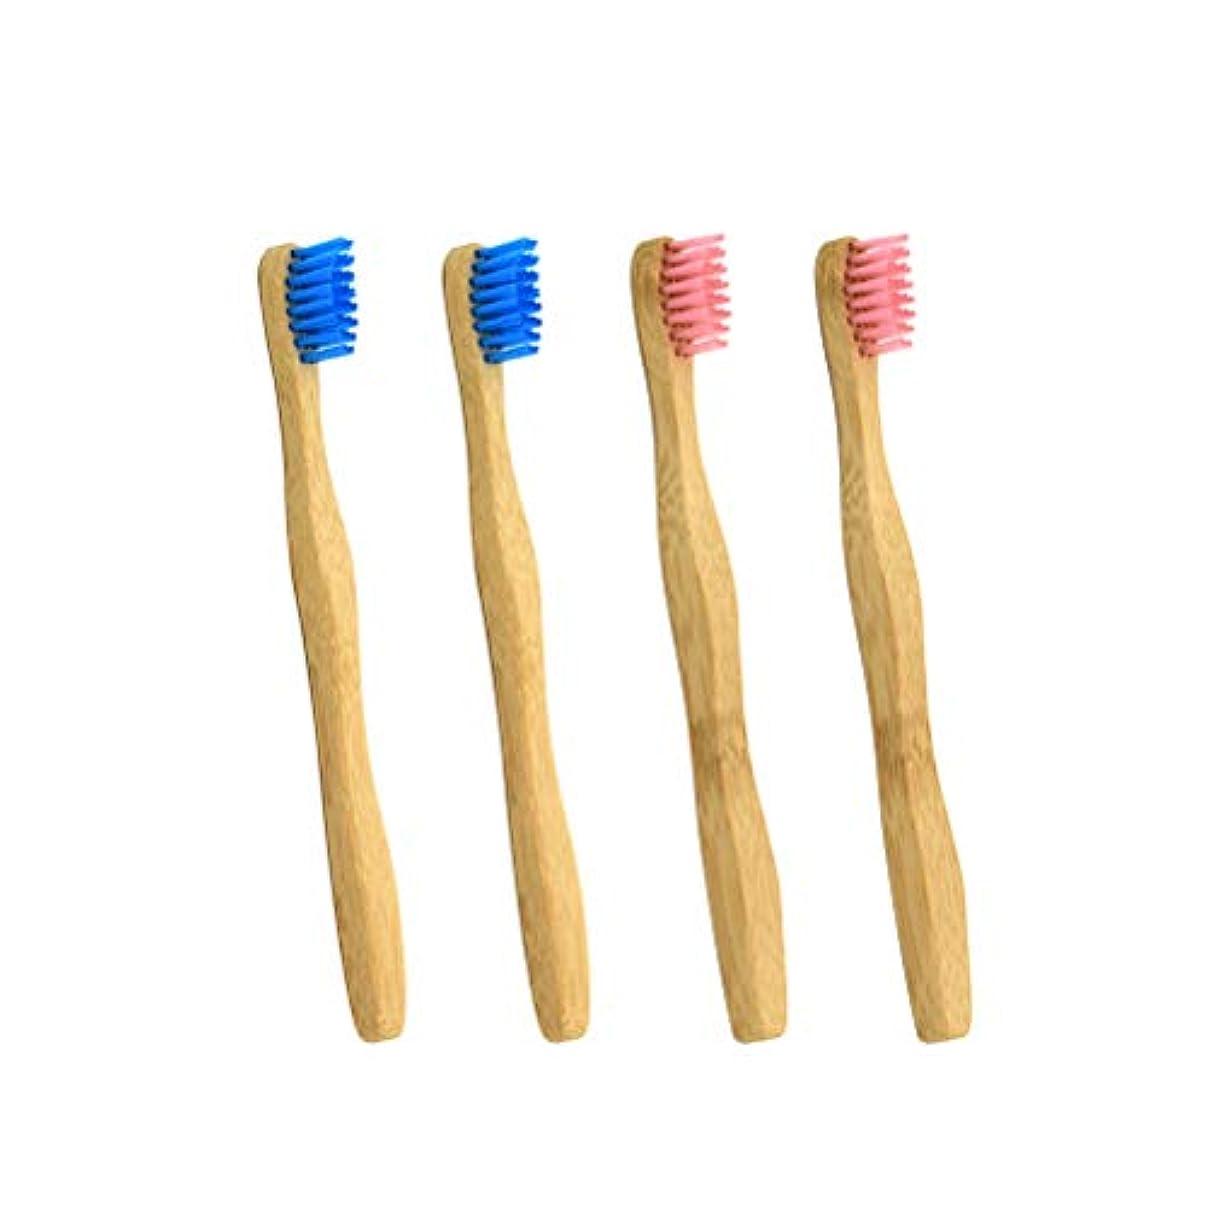 メカニック国歌破壊するHealifty 歯ブラシ抗細菌キッズ歯ブラシ4本(ピンクとブルー各2本)